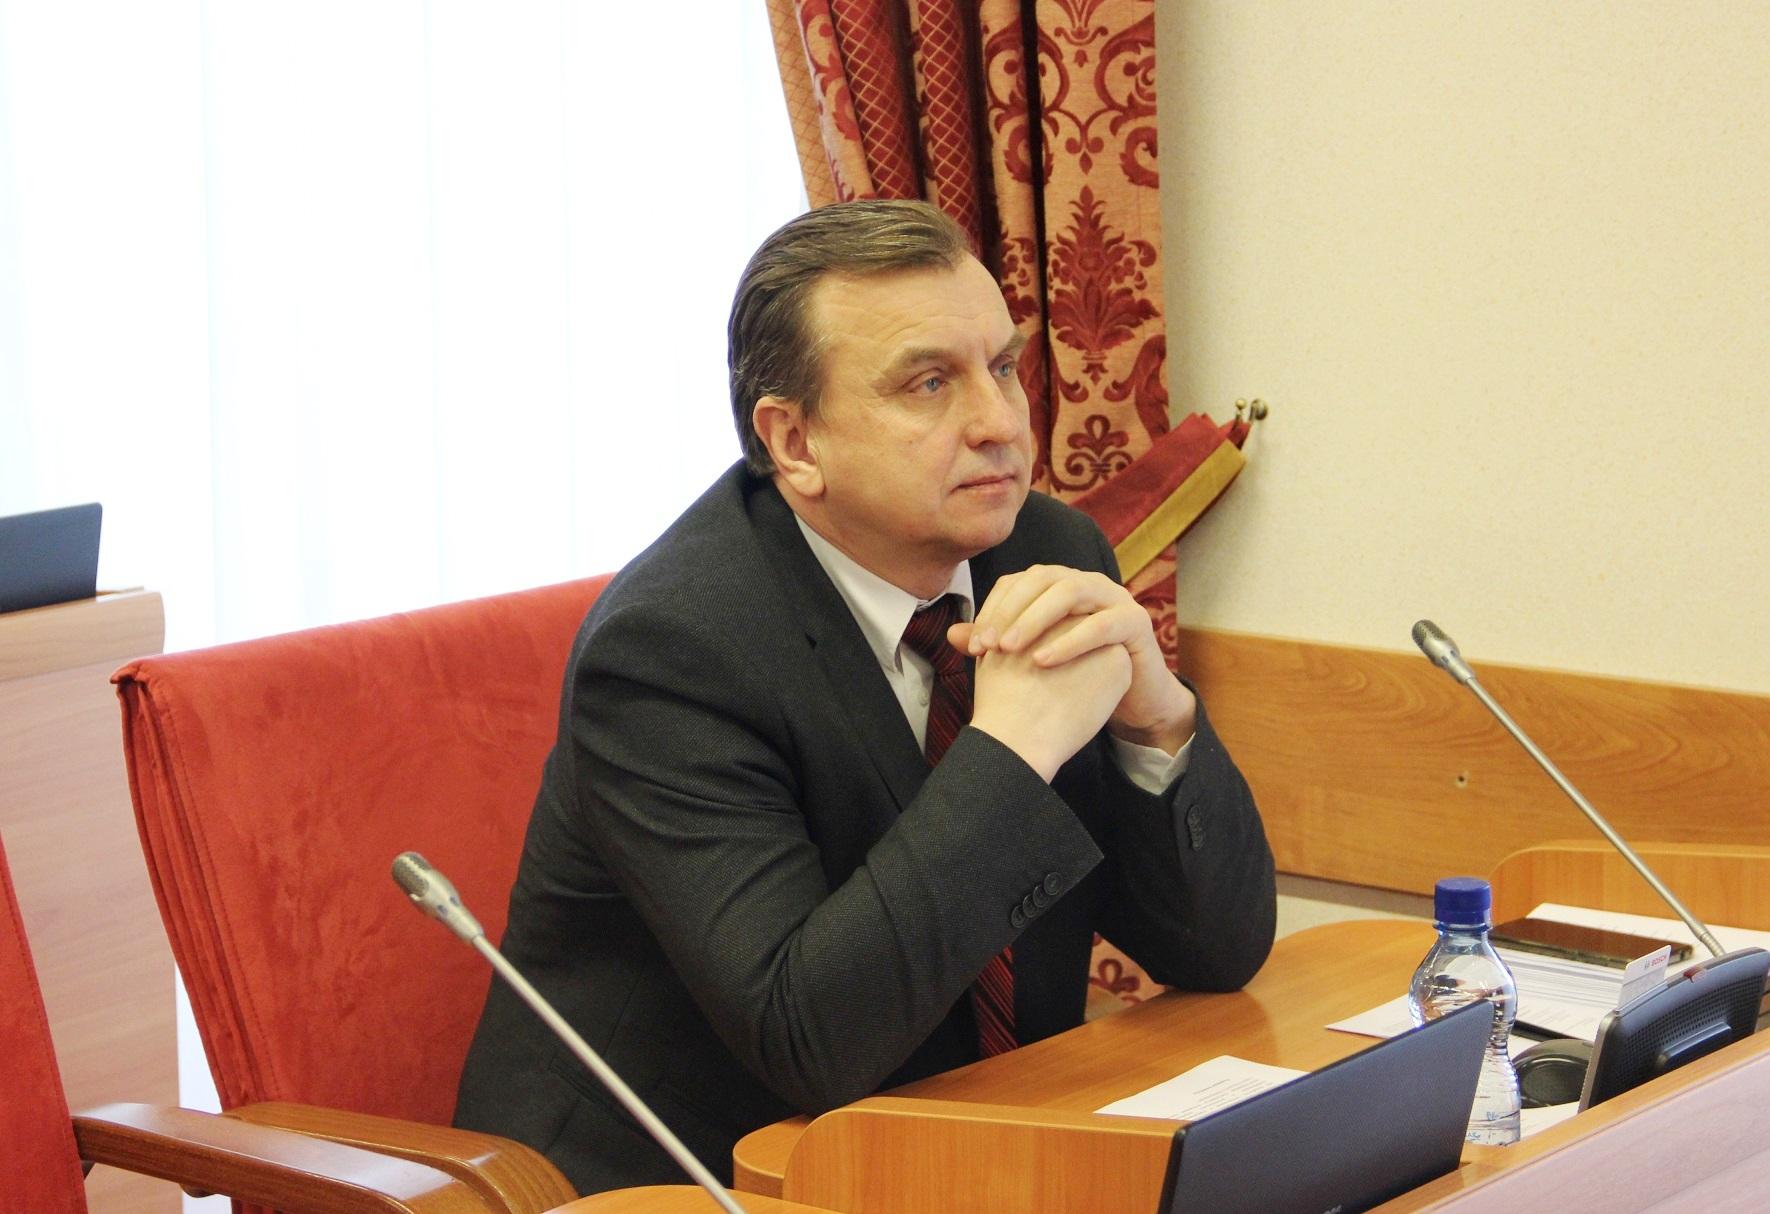 Валерий Байло: «Считаю работу комитета по здравоохранению Ярославской областной Думы недопустимой!»